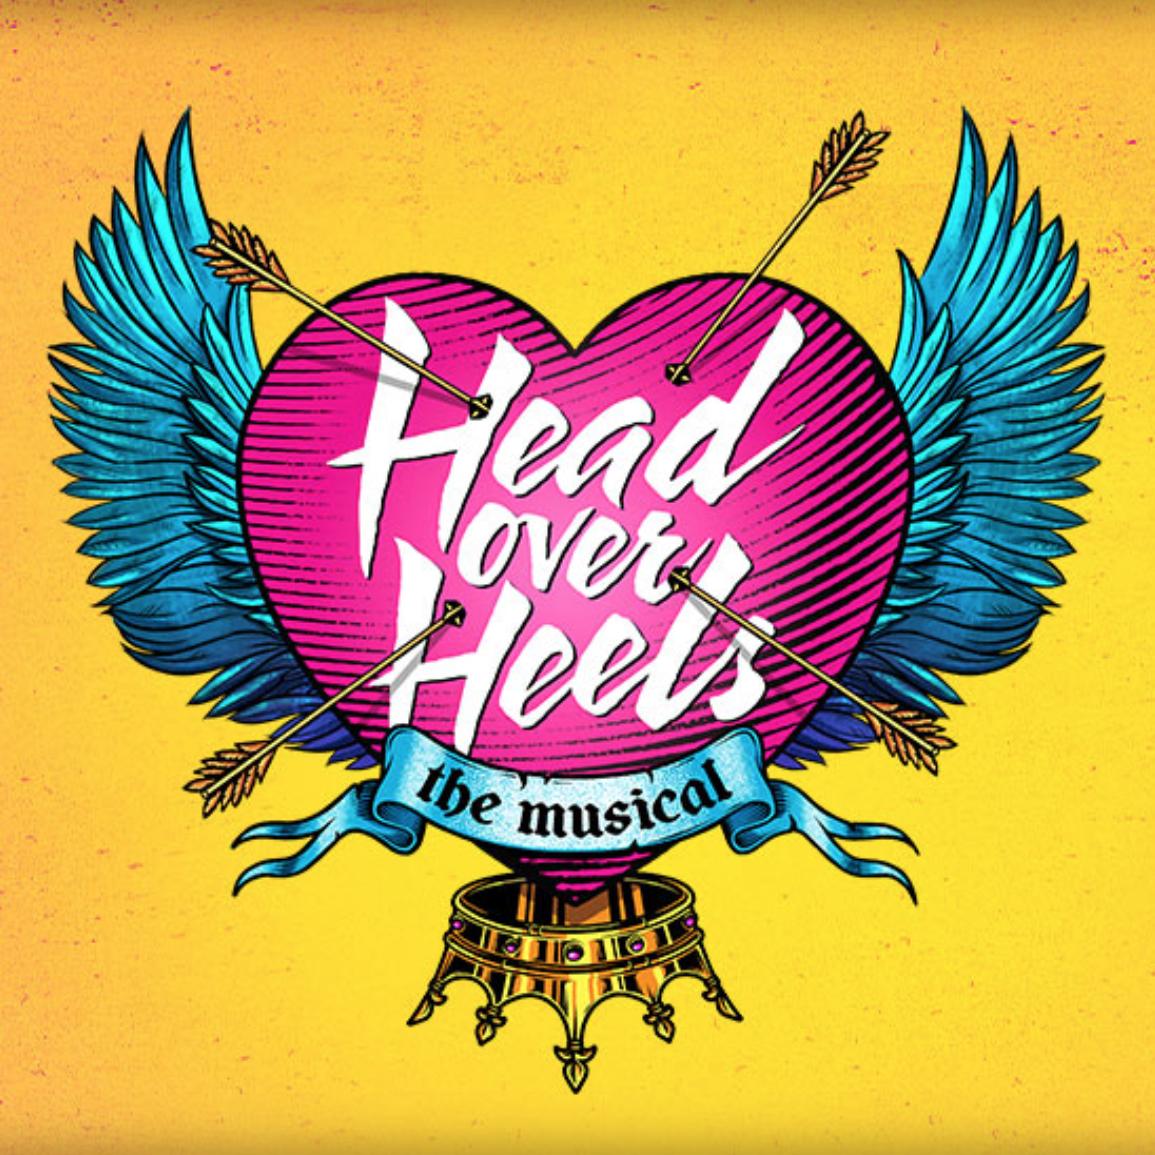 Head Over heels logo